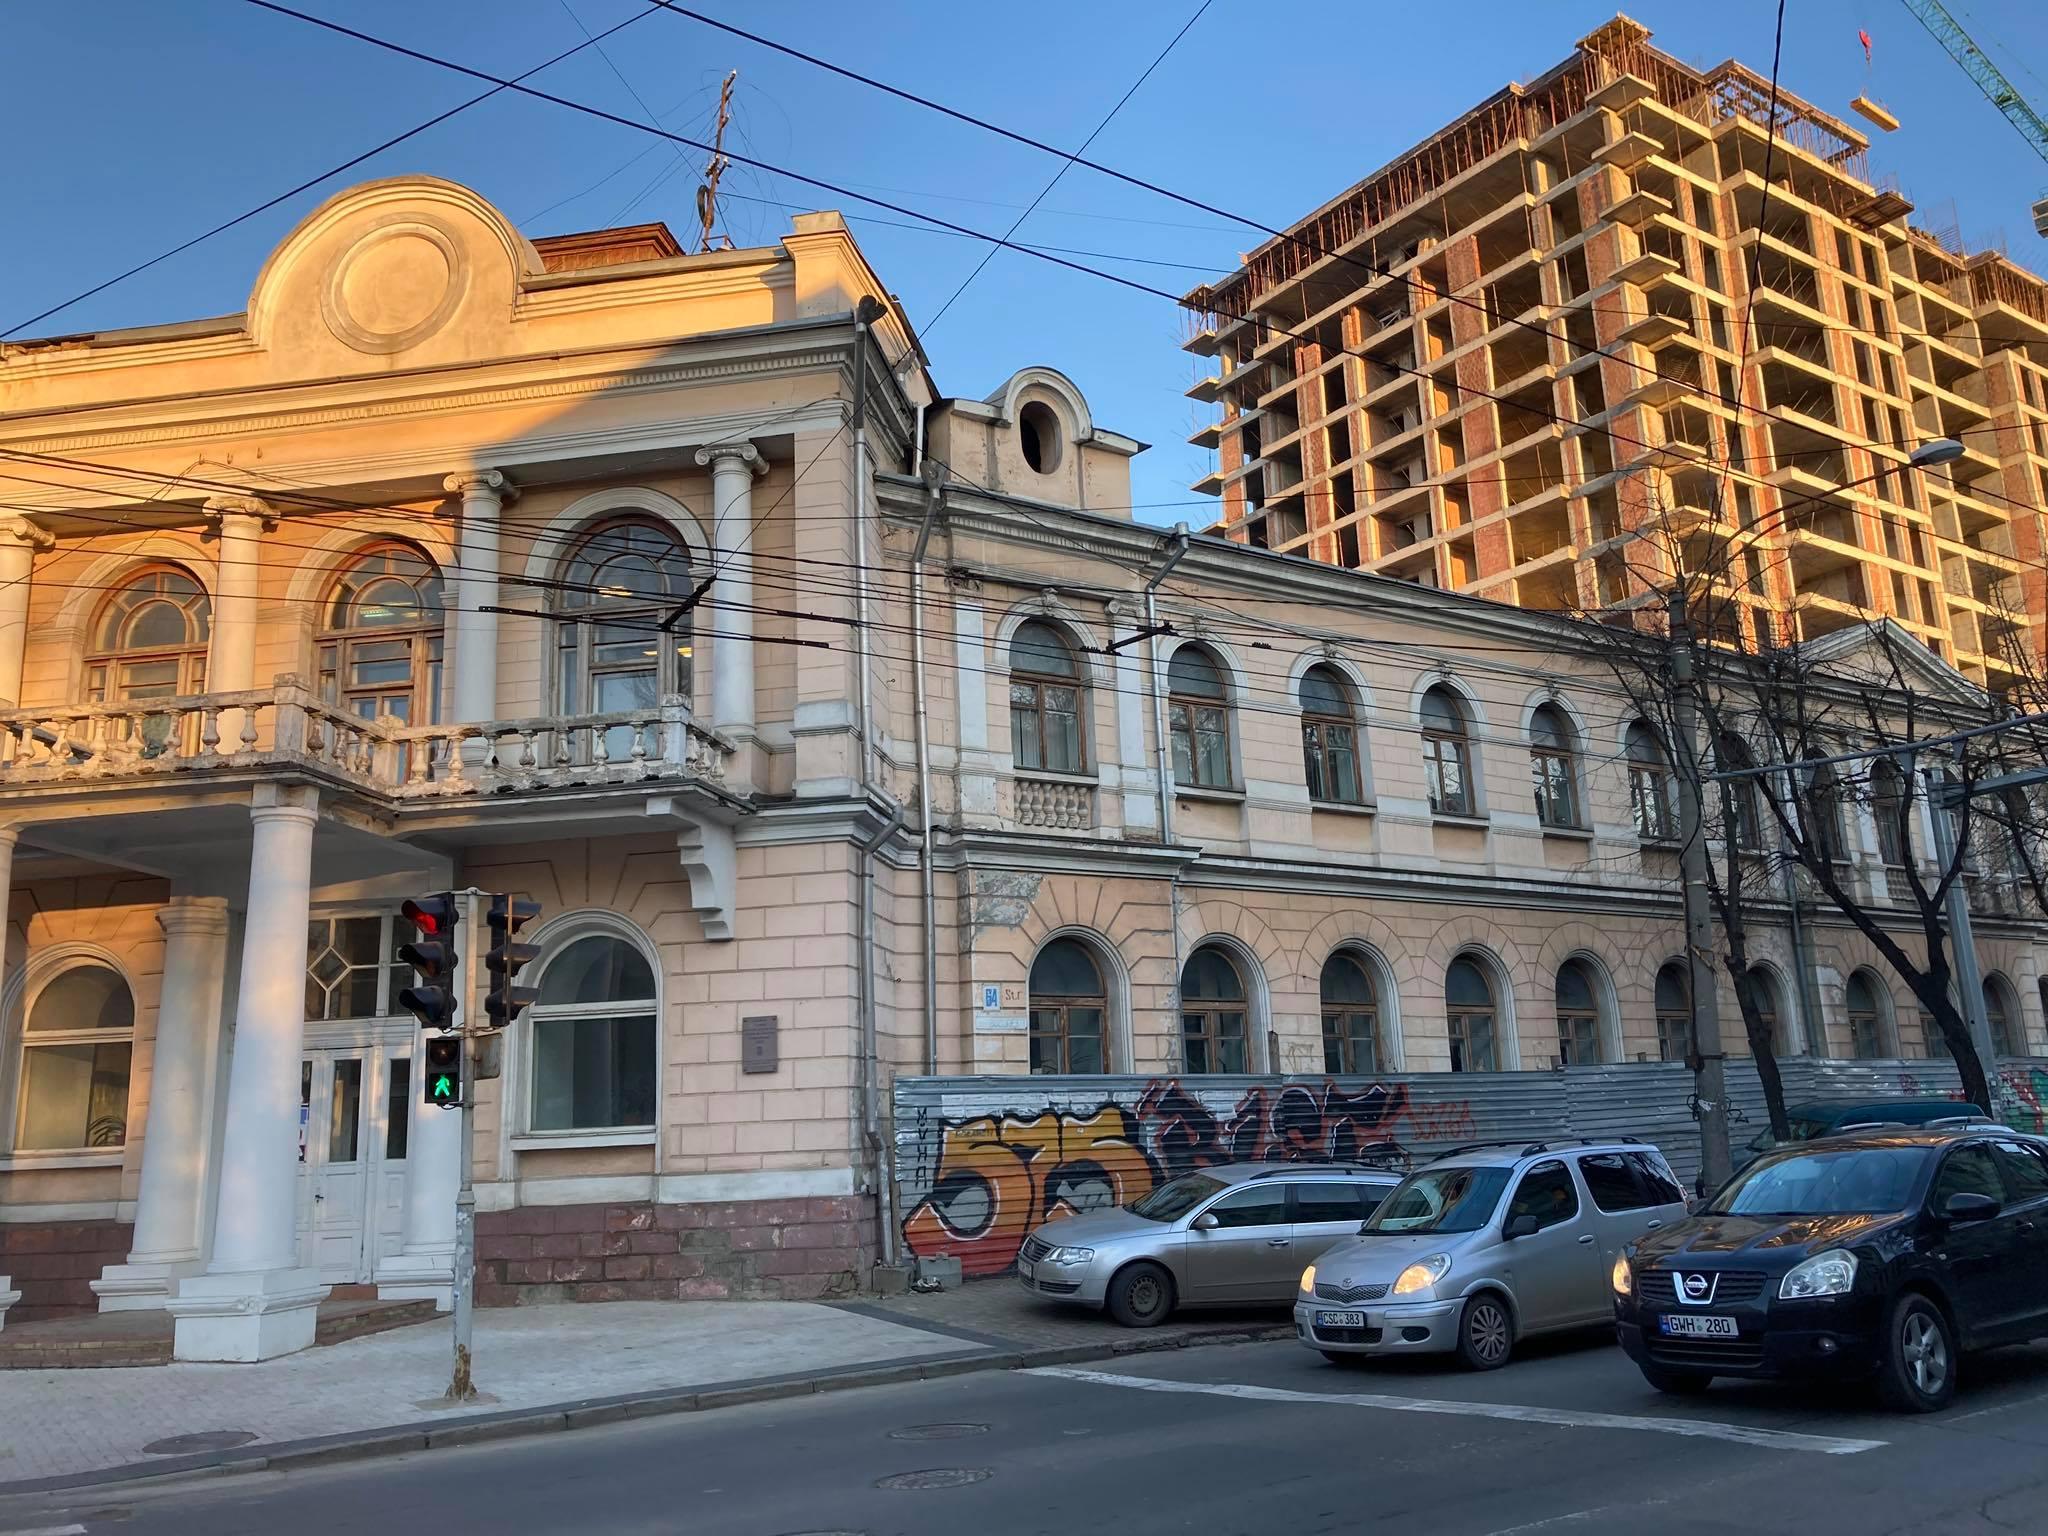 Lipsa unui PUZ Centru a condus la distrugerea monumentelor de arhitectură și înălțarea unor blocuri care nu se înscriu armonios în această zonă